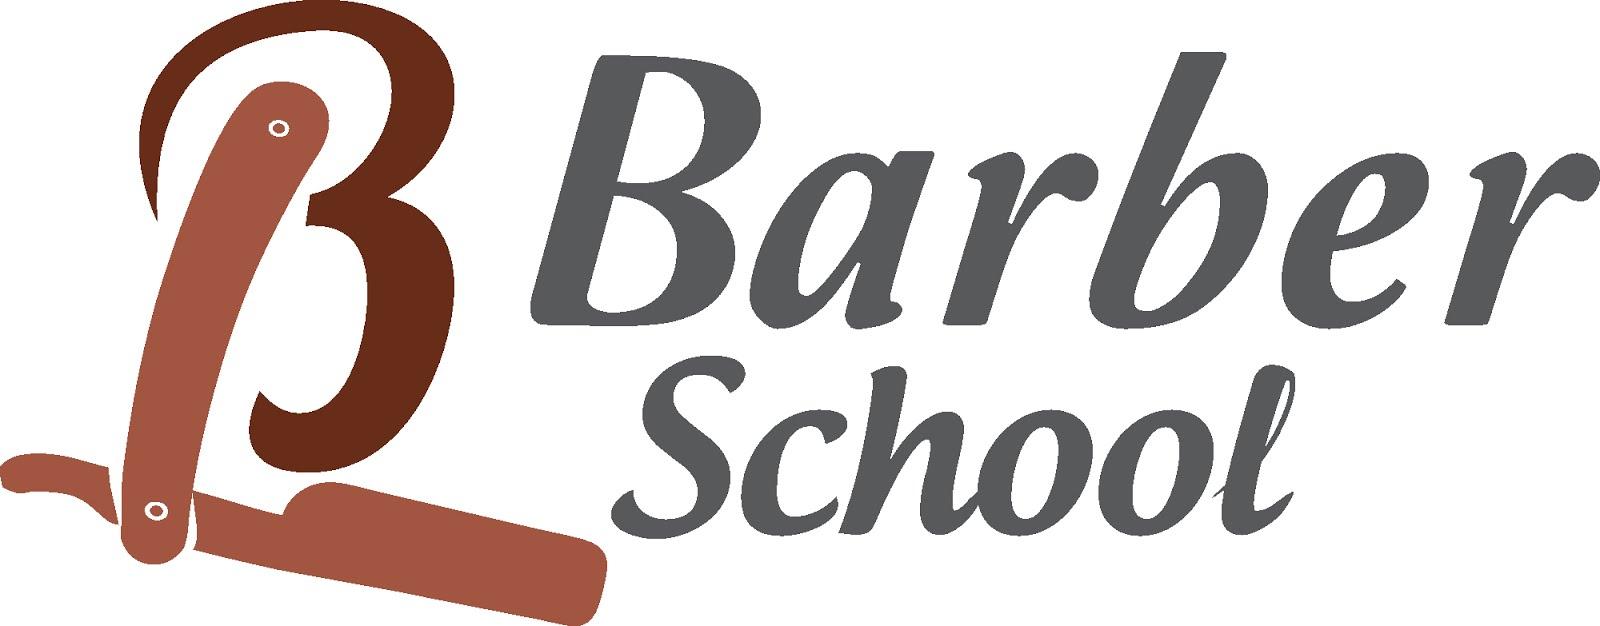 kursus potong rambut | kursus cukur rambut | kursus pangkas rambut BL BARBER SCHOOL 0877 00101 333